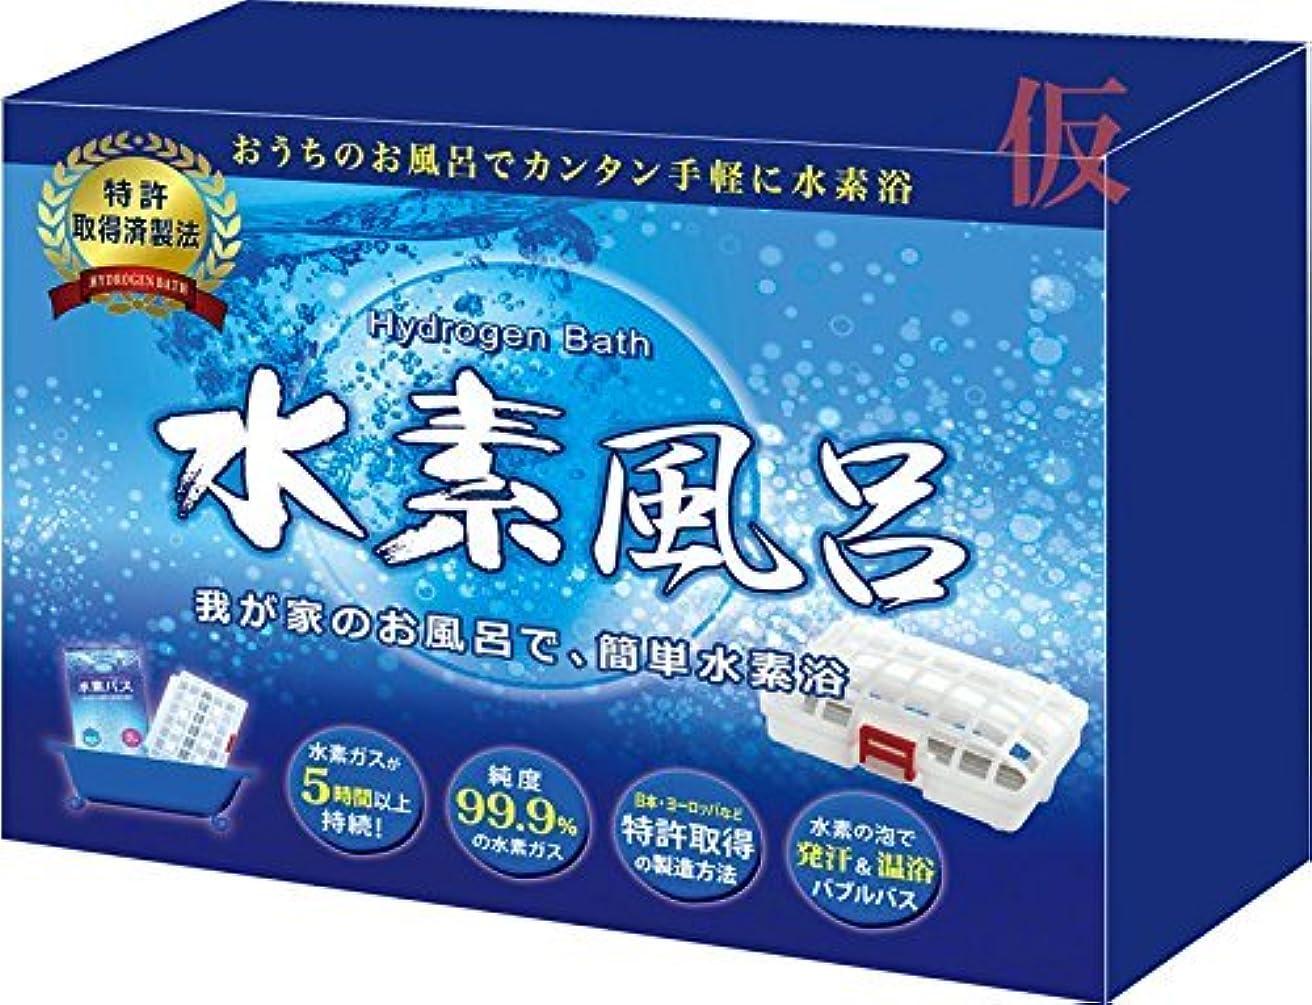 称賛気楽な関税水素風呂 4袋